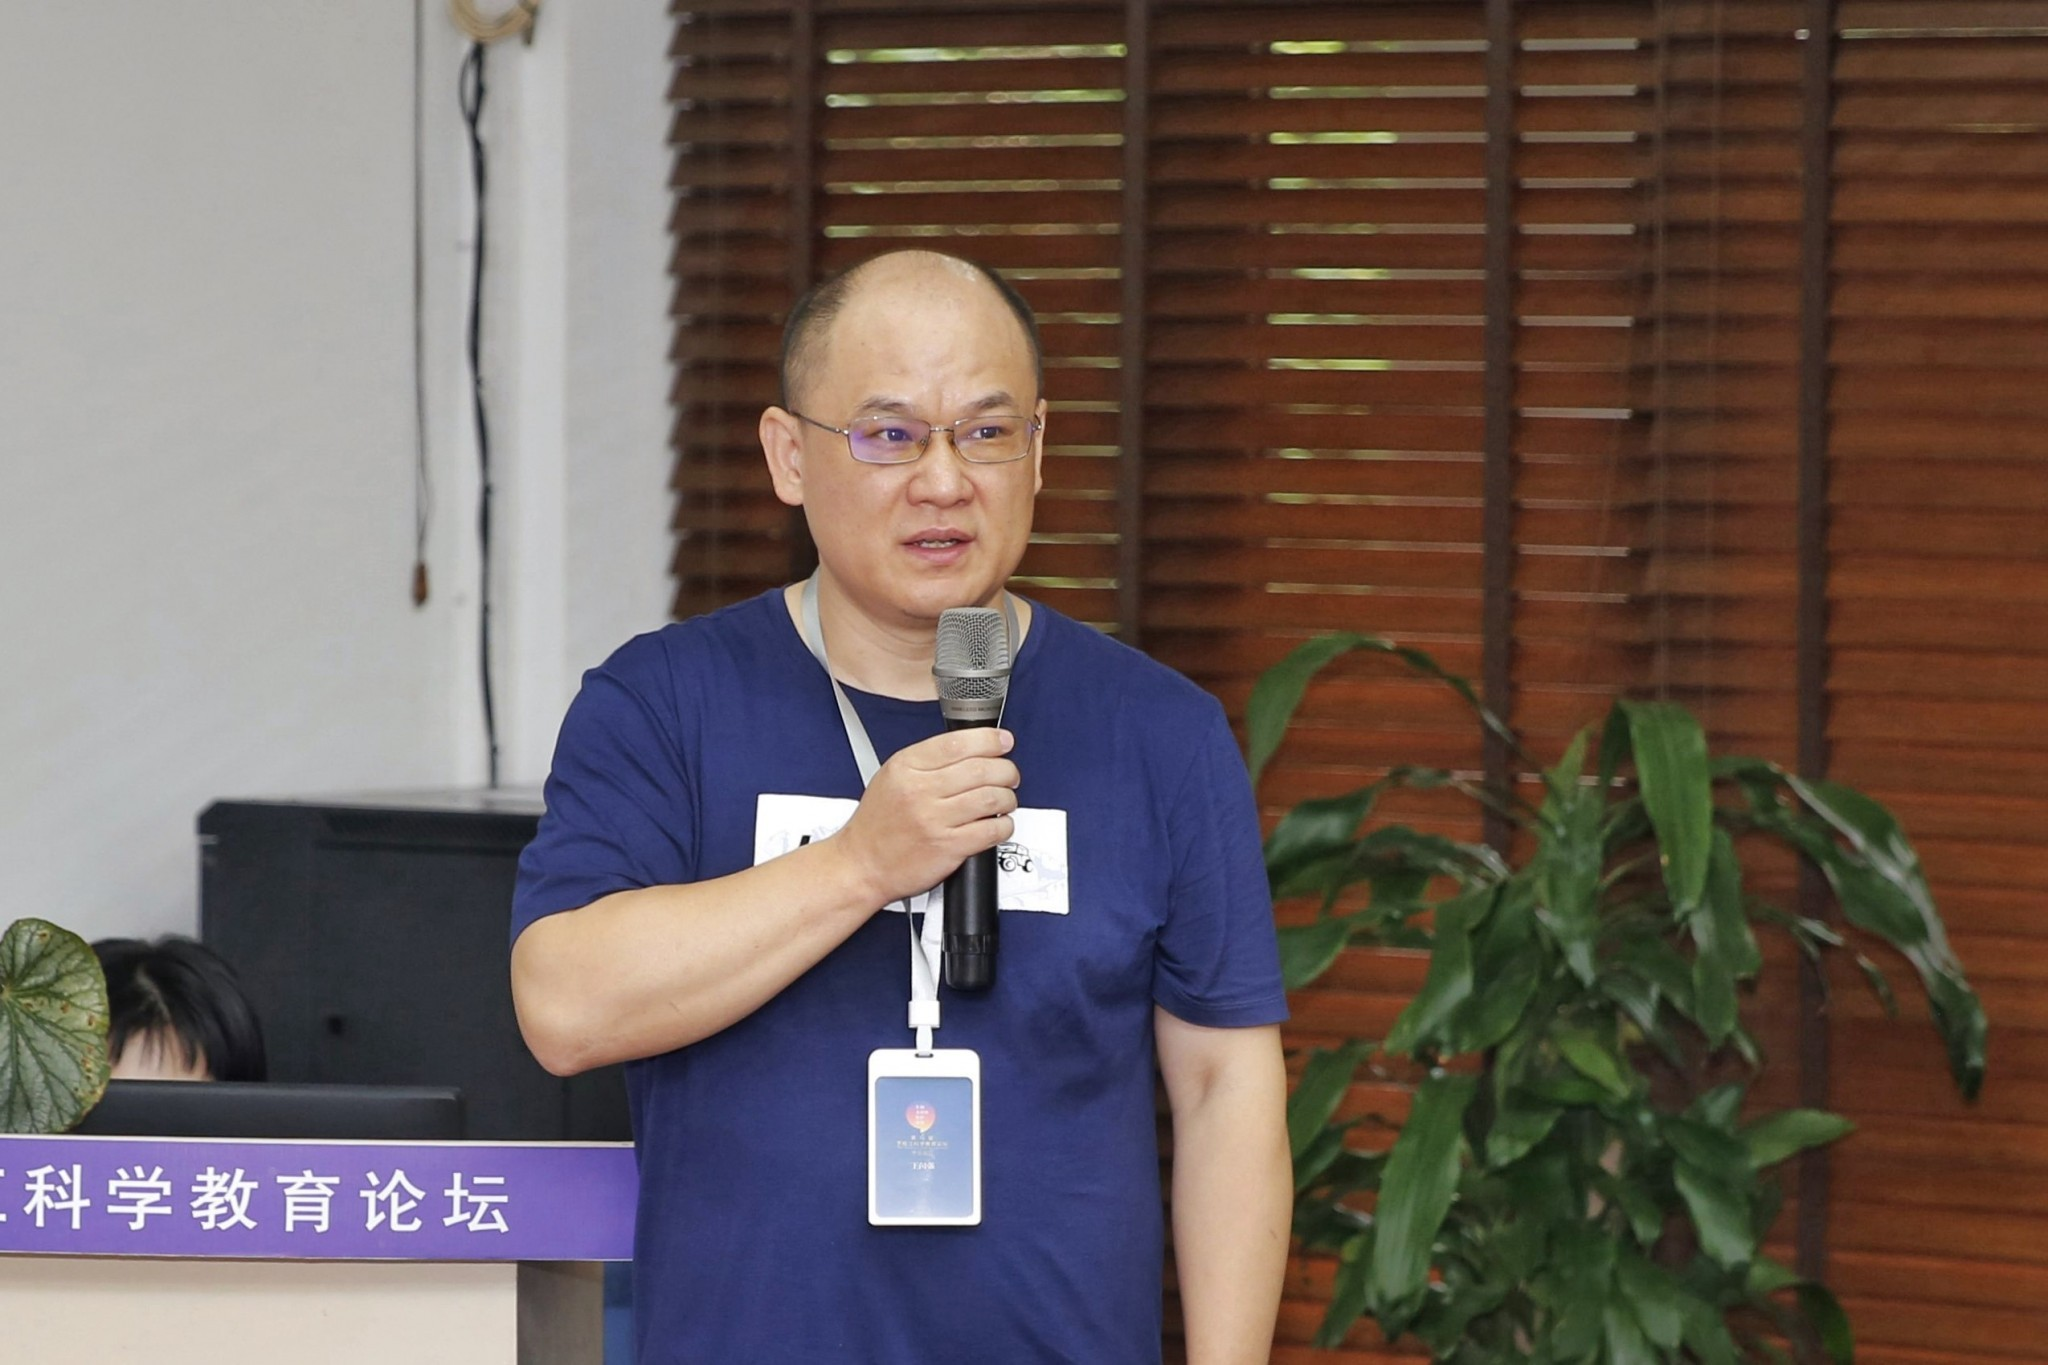 【专题报告】中科院计算机网络信息中心  王润强:新媒体技术在青海湖环境保护与科普教育中的应用